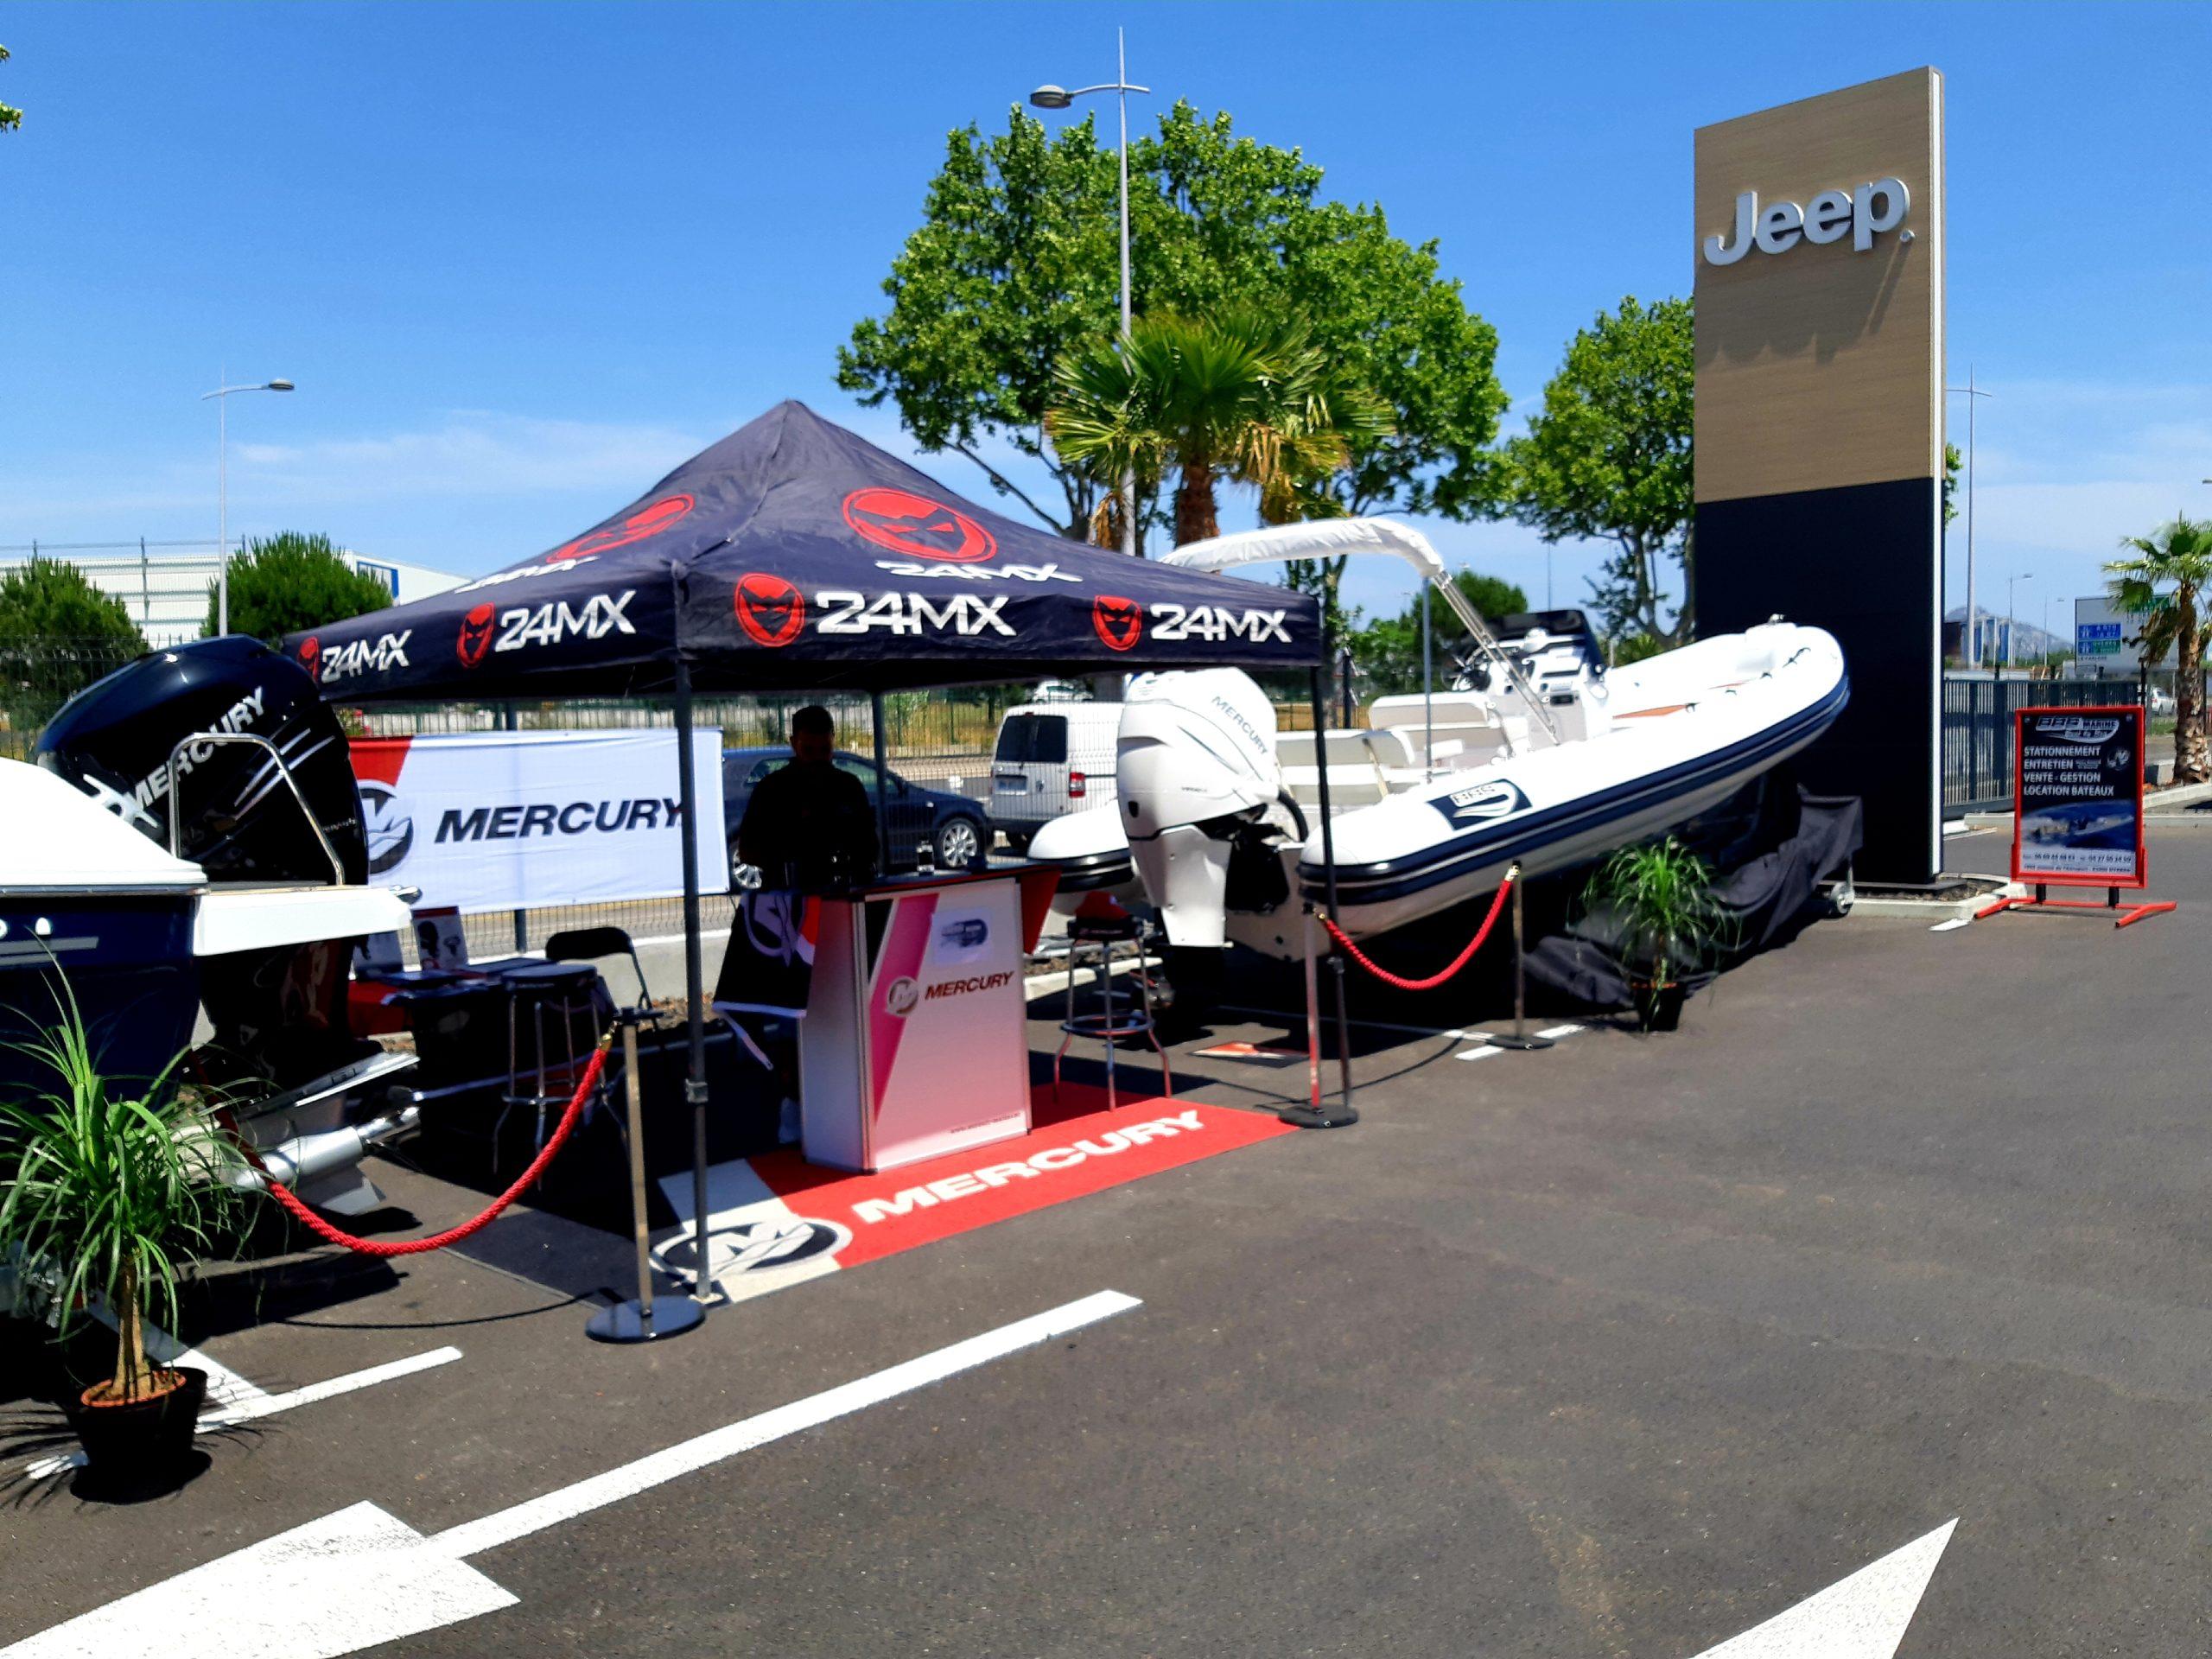 BBS Marine était présent aux journées portes ouvertes Mercedes du 15 et 16 juin 2019 à Omnium Garage de La Garde. Nous avons eu le plaisir de vous présenter nos modèles de bateaux et moteurs neufs et d'occasions.